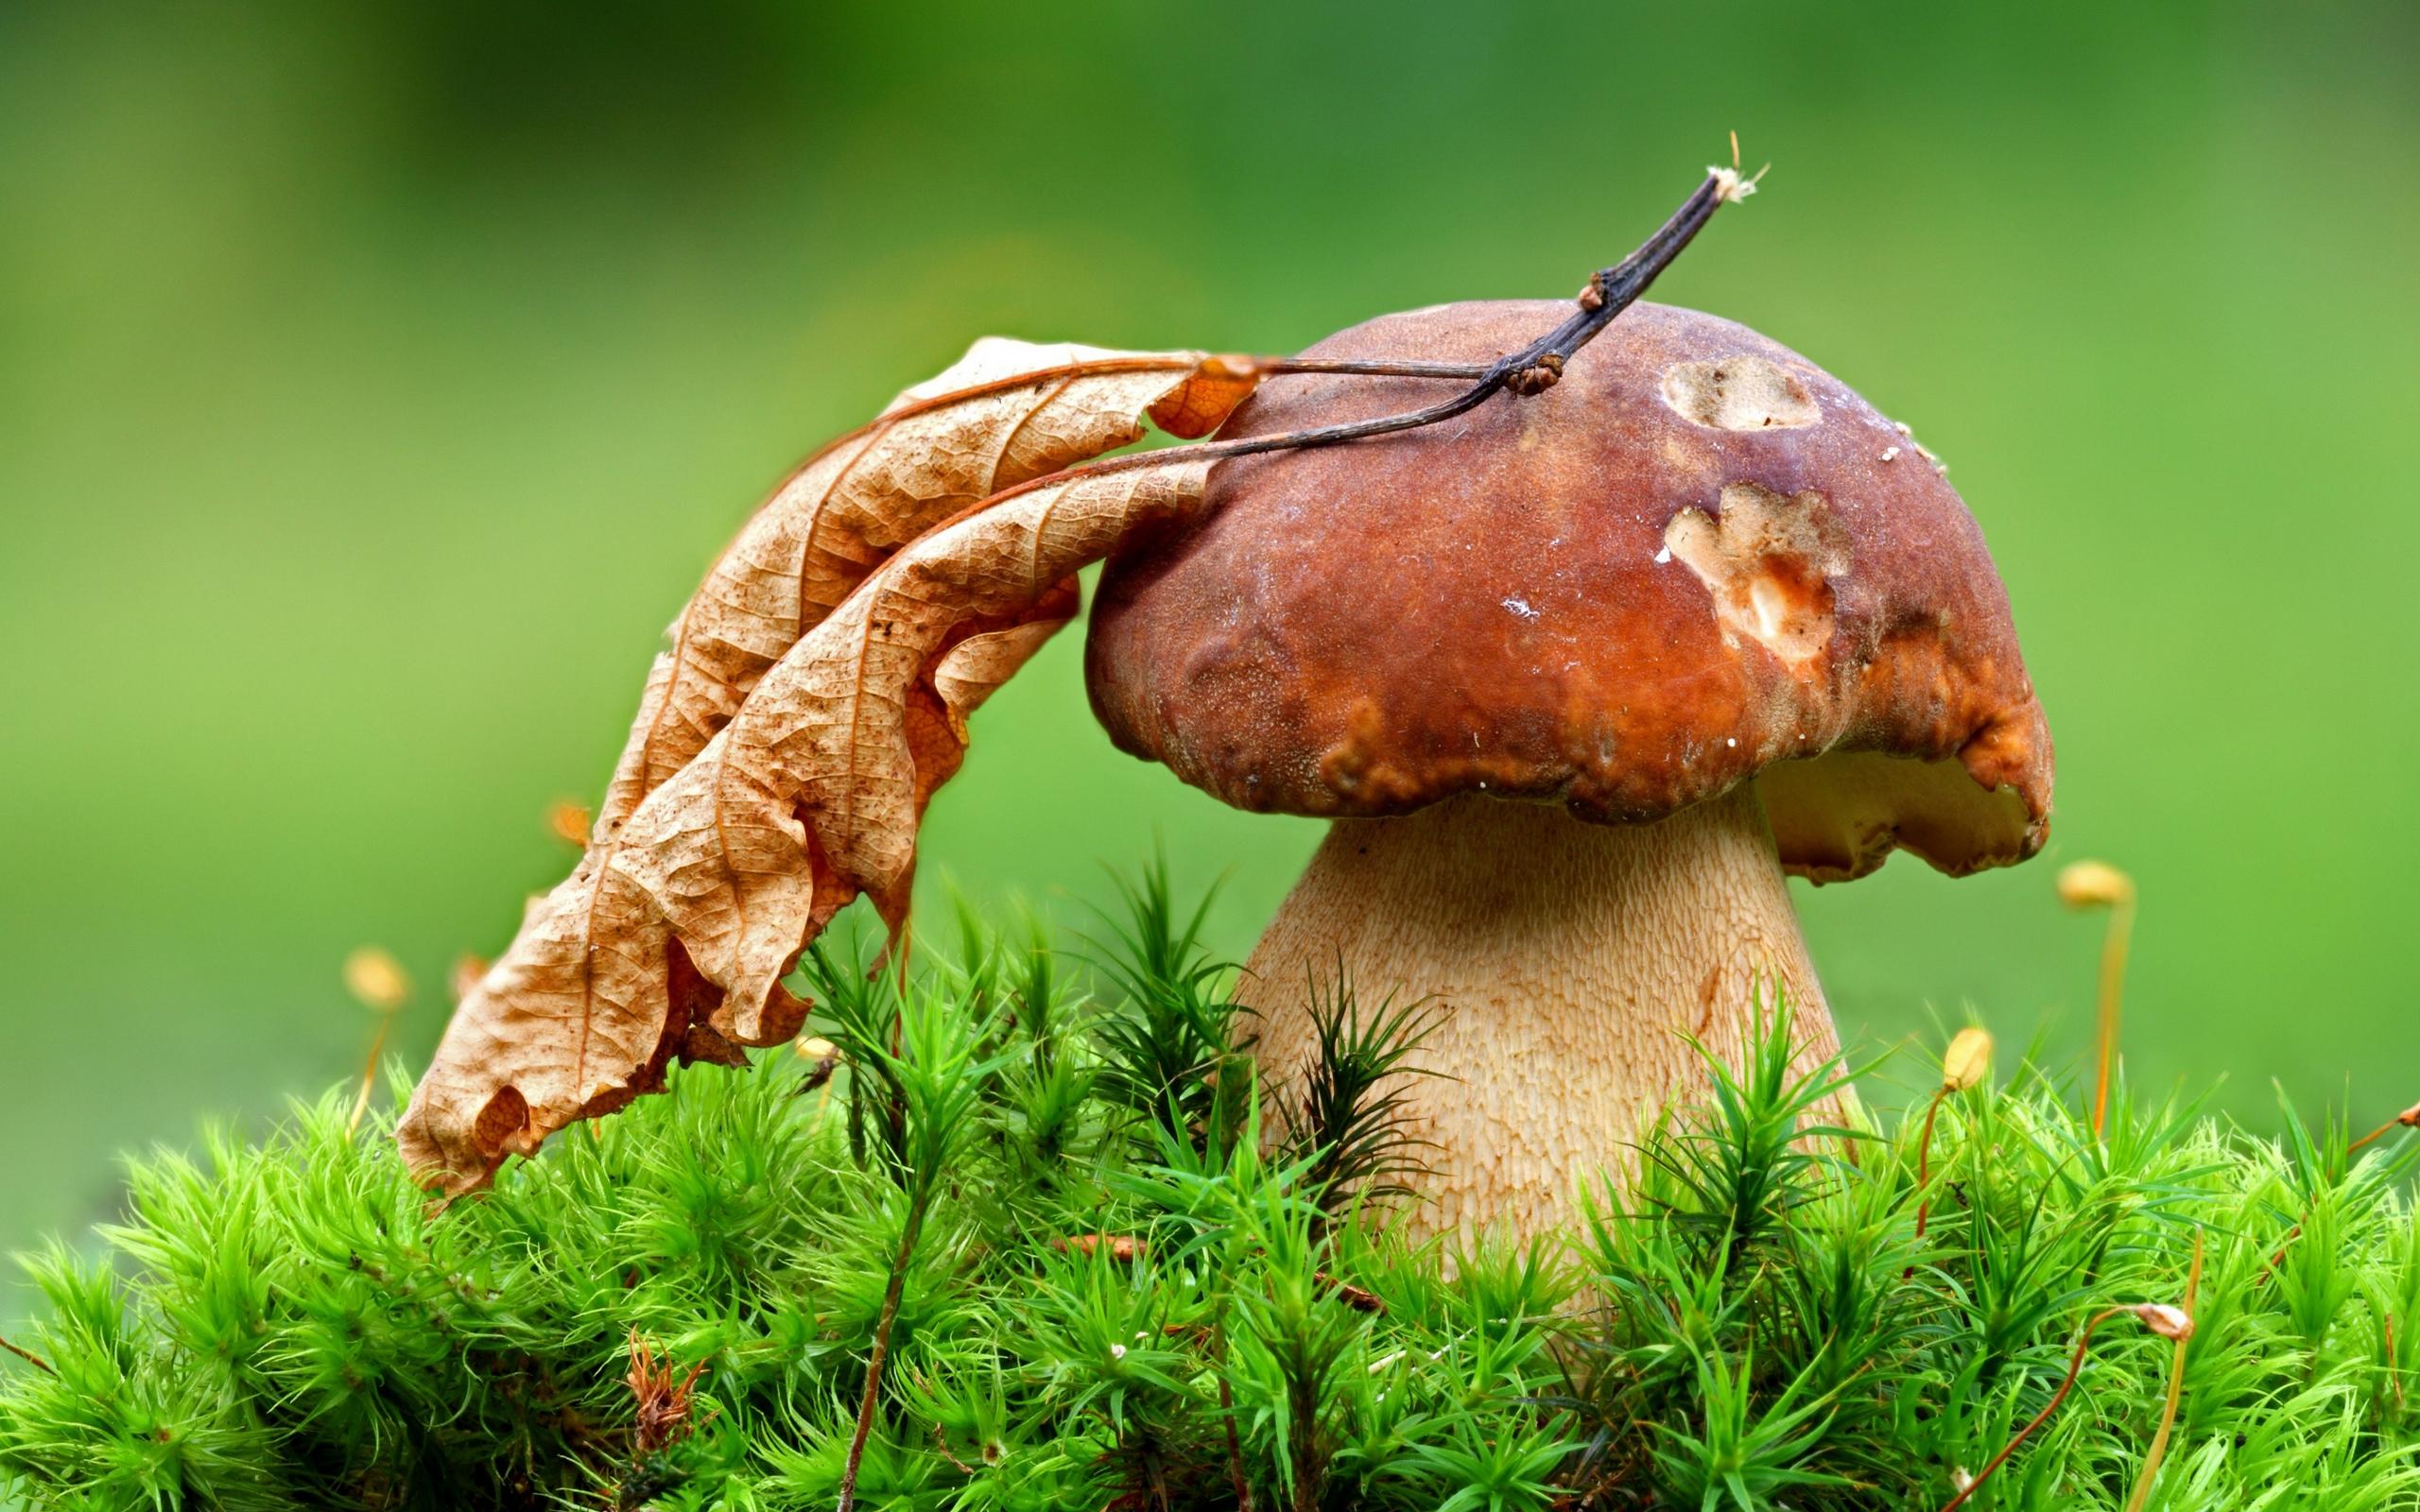 беленькие грибочки скачать